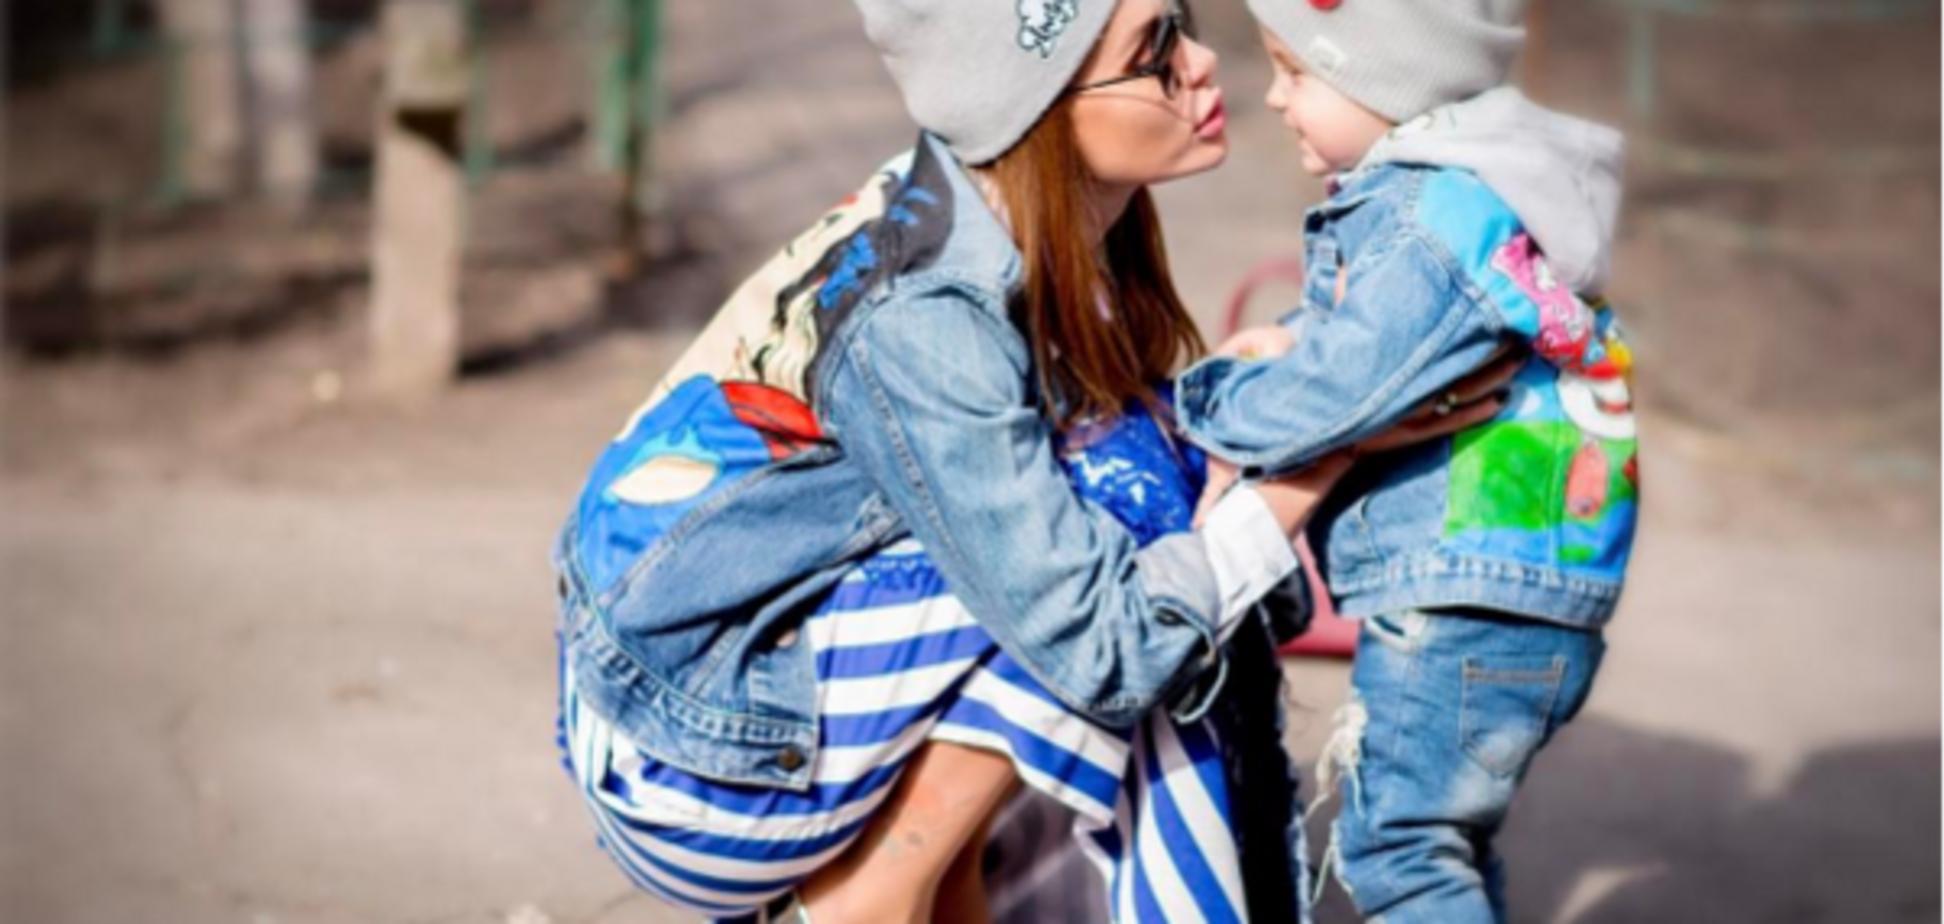 Весна прийшла: зіркові мами на прогулянці з дітьми